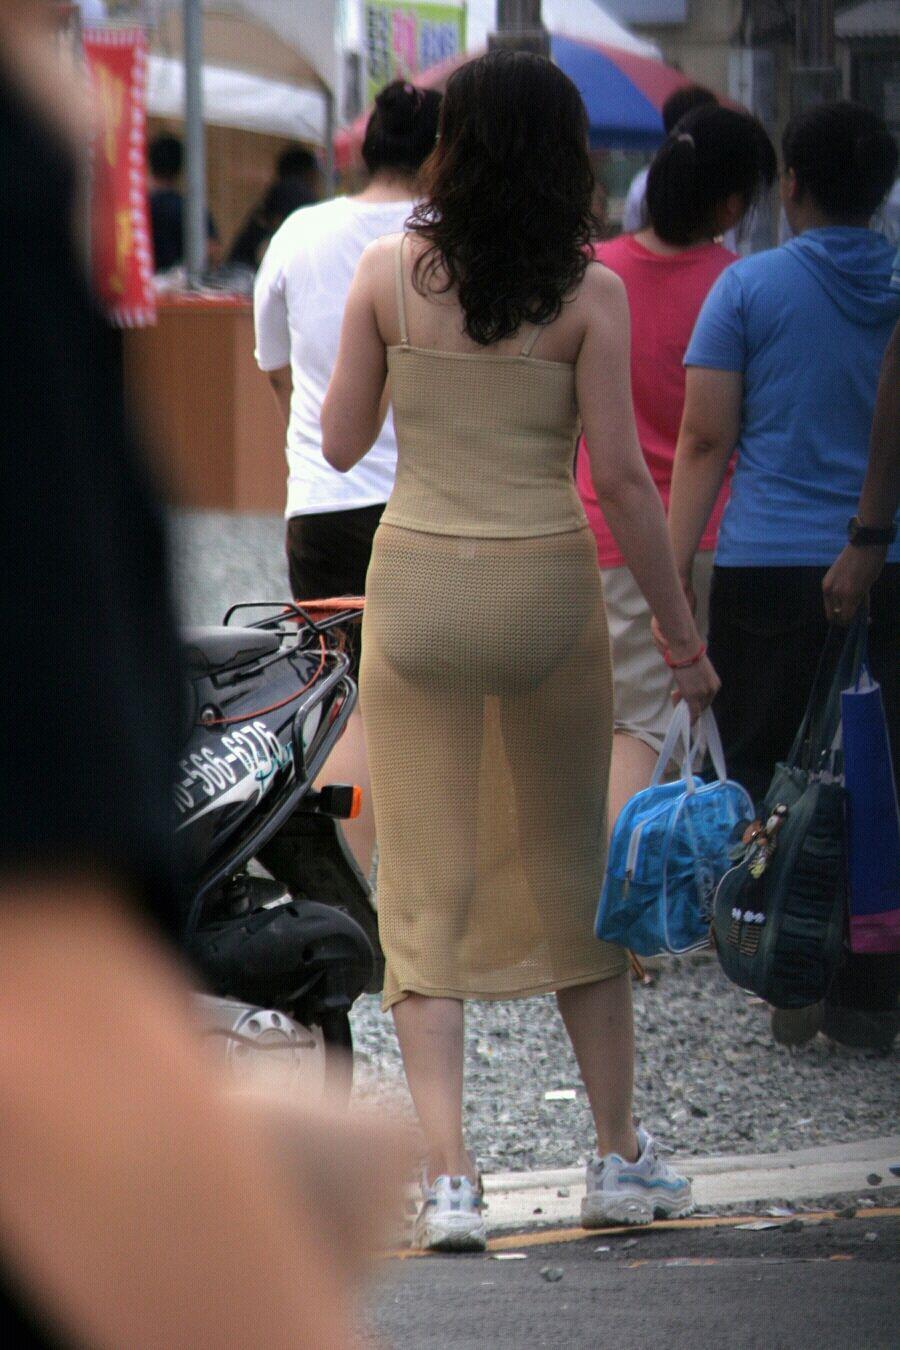 際どいファッションで街中を歩く半露出狂の韓国女性たち(画像25枚)・13枚目